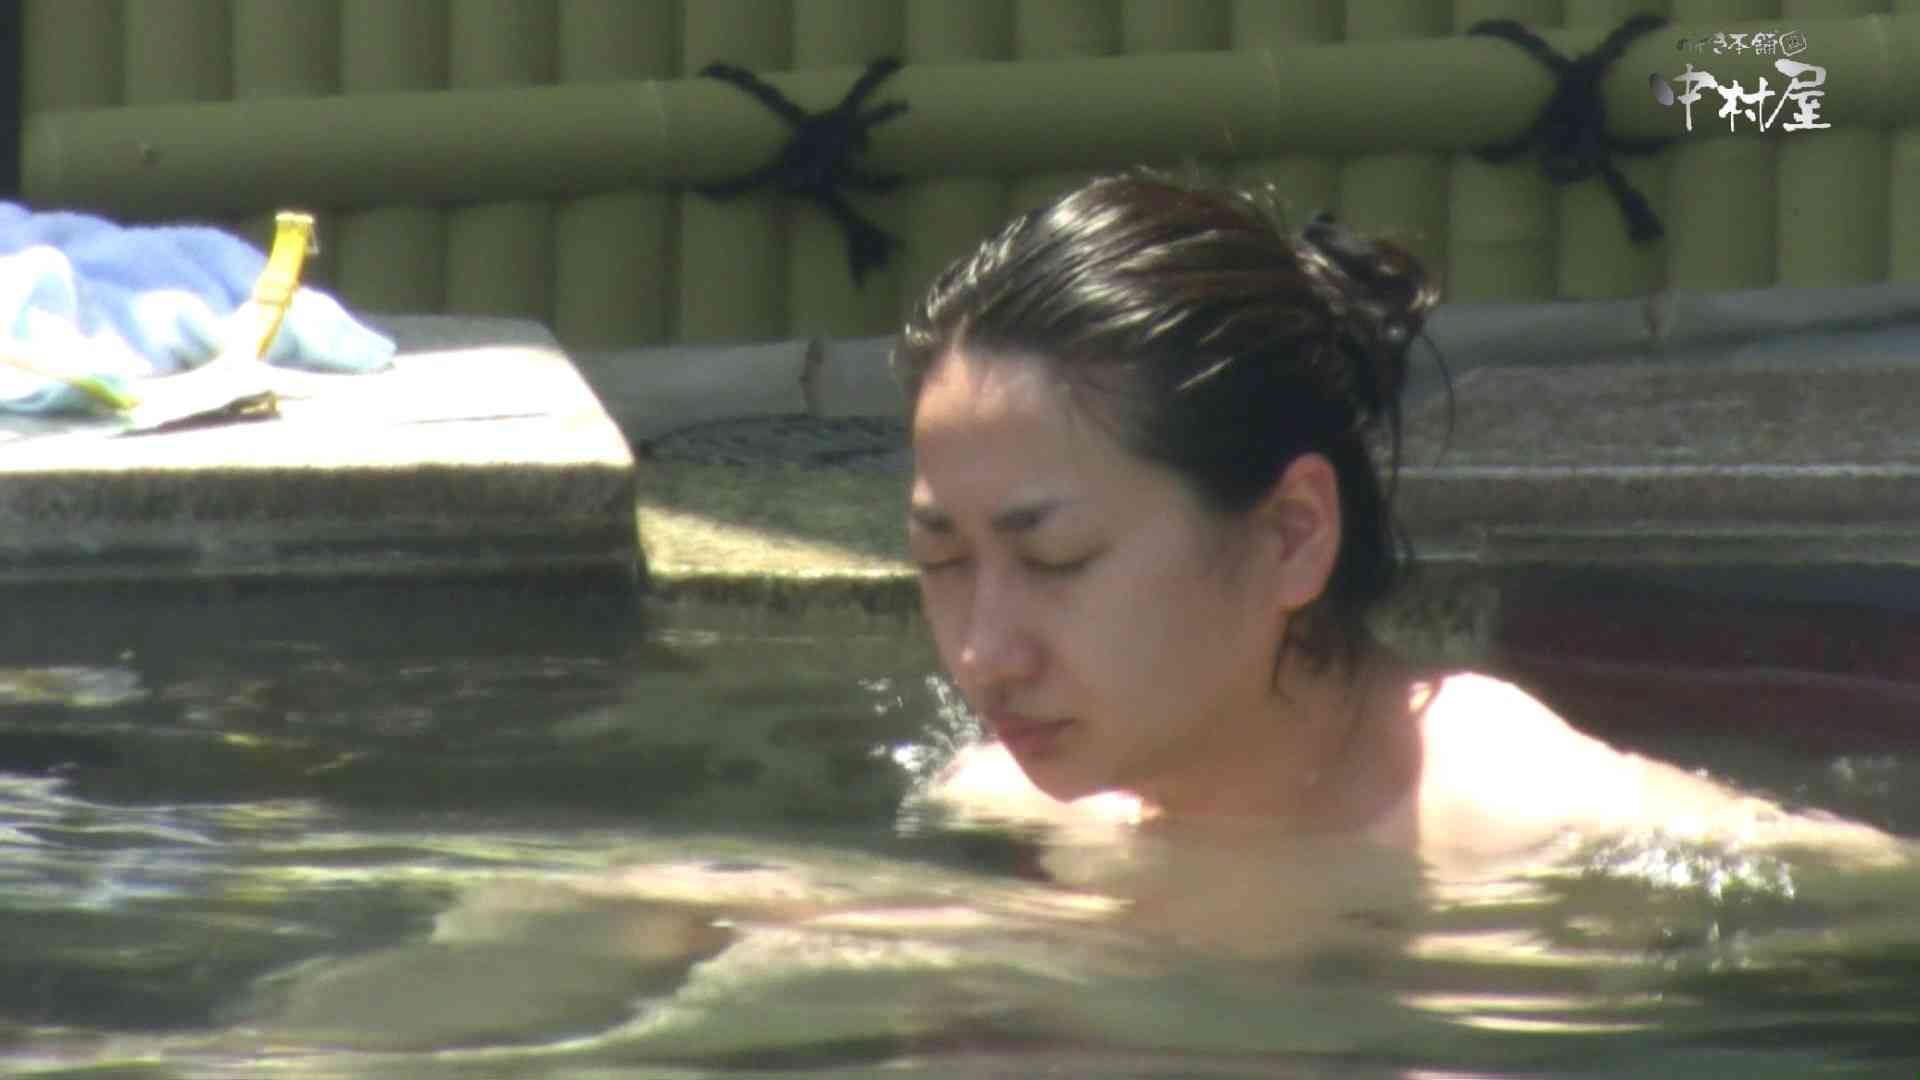 Aquaな露天風呂Vol.888 露天風呂 | 盗撮  101連発 67